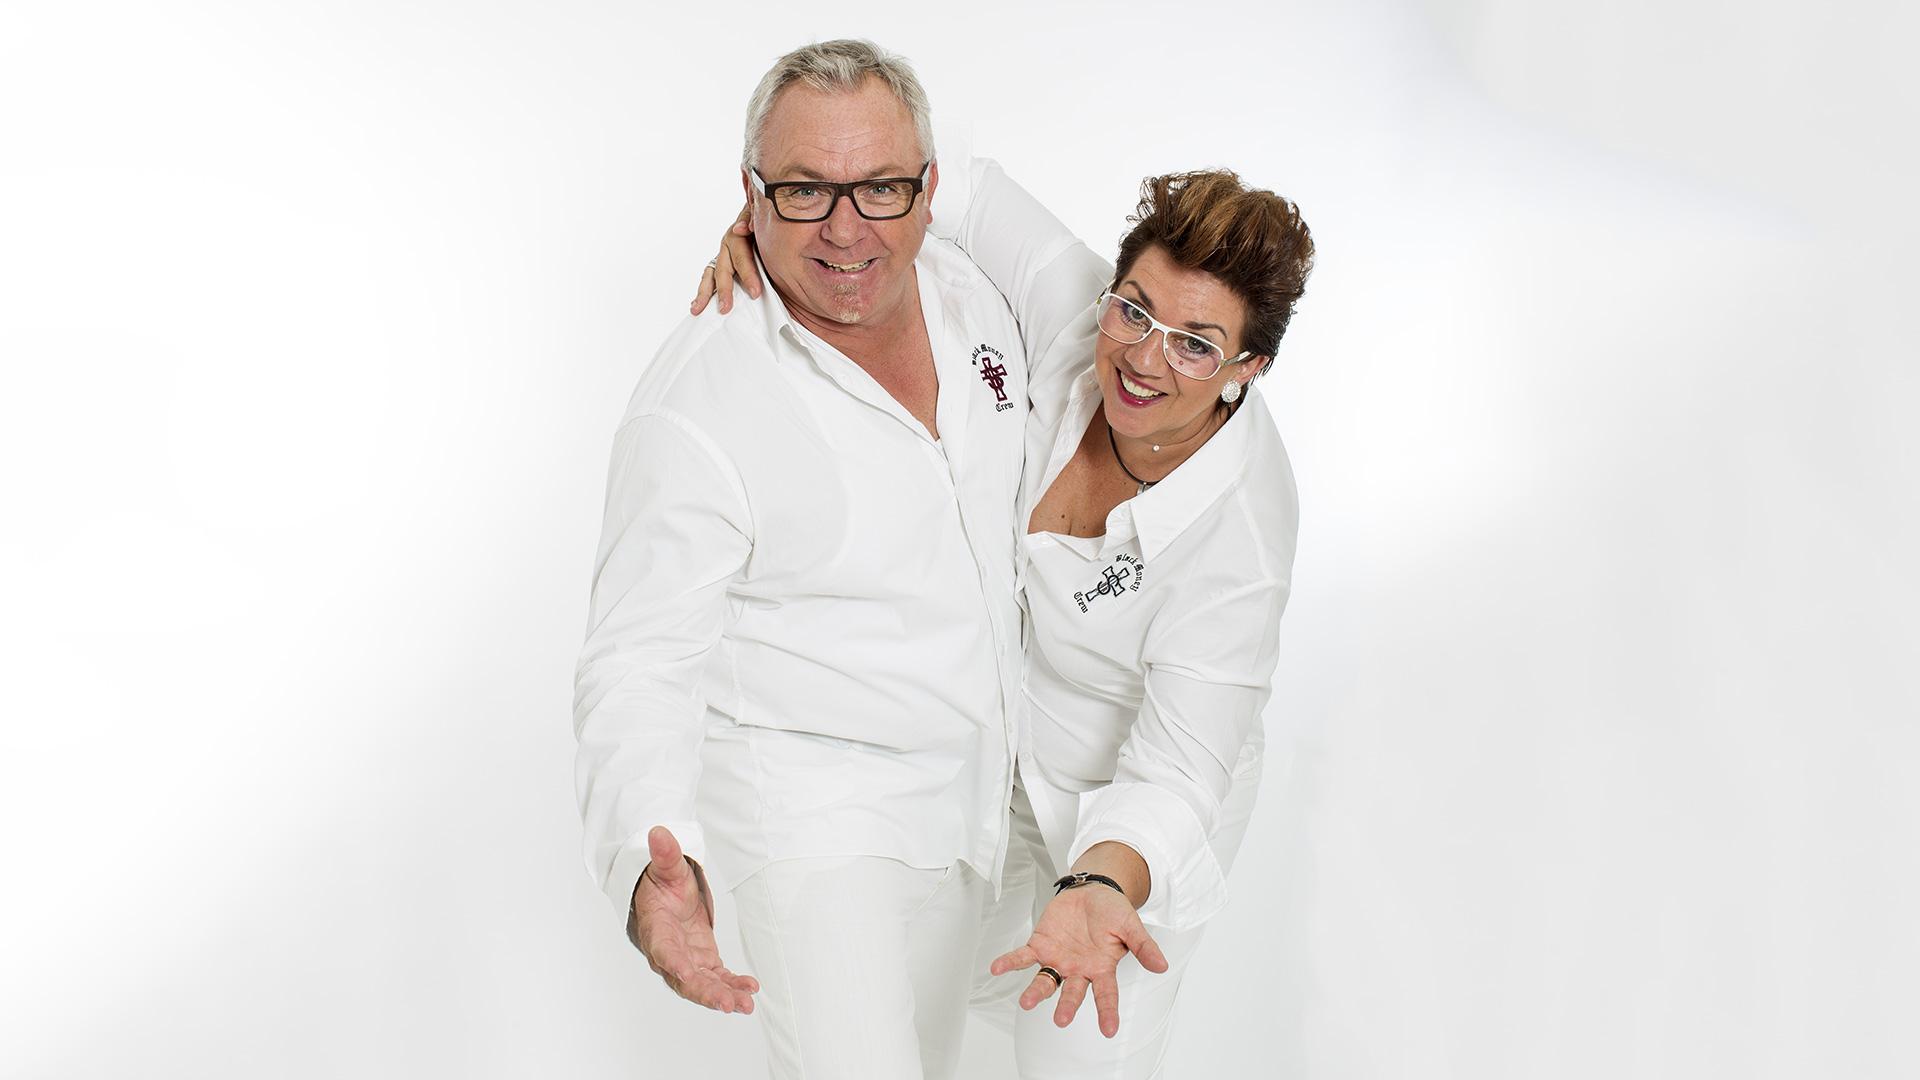 Ehepaar in Weiß